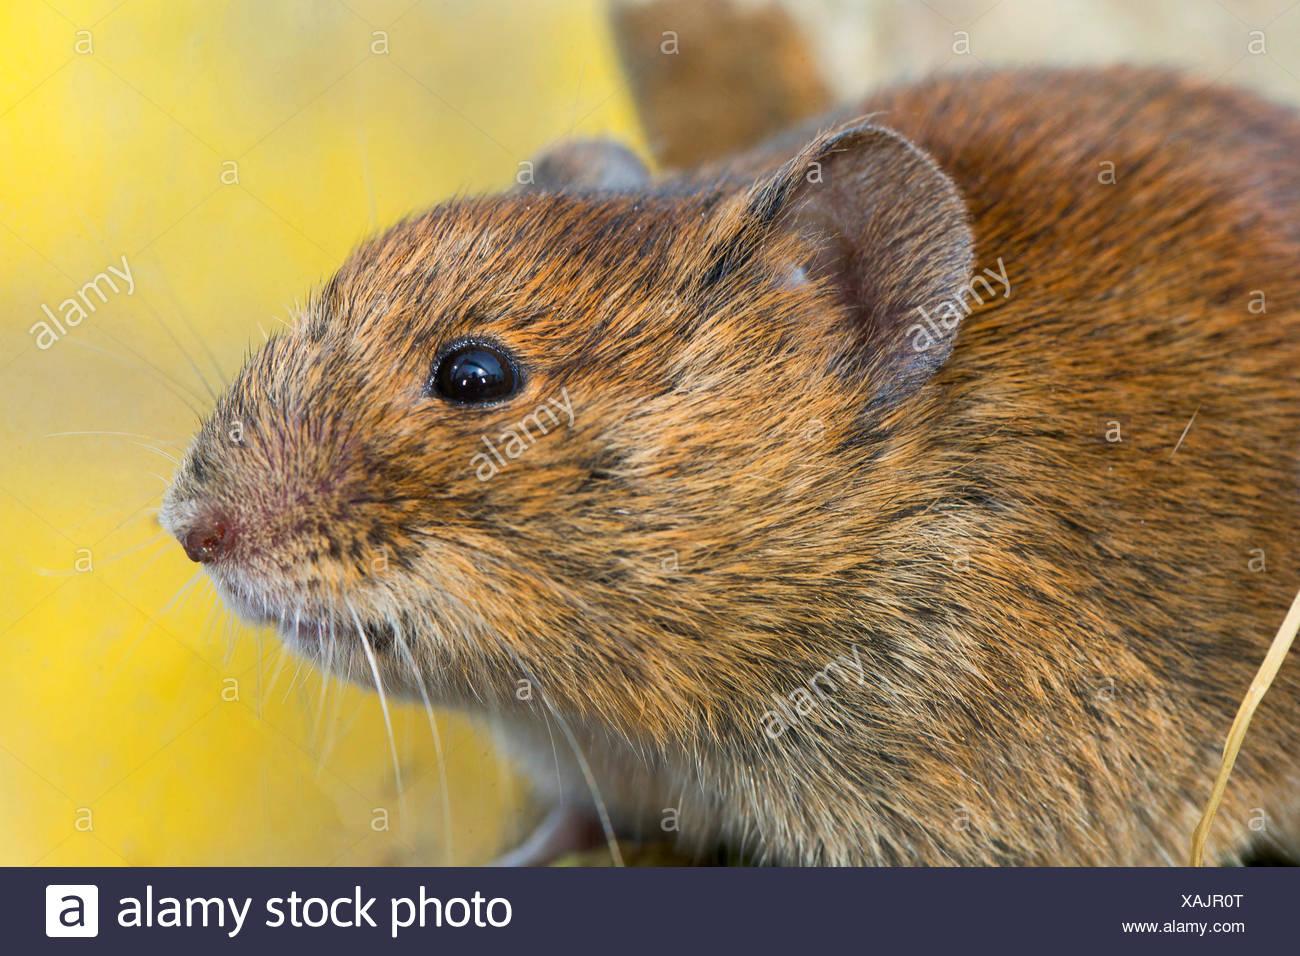 bank vole (Clethrionomys glareolus, Myodes glareolus), portrait, Germany, North Rhine-Westphalia - Stock Image